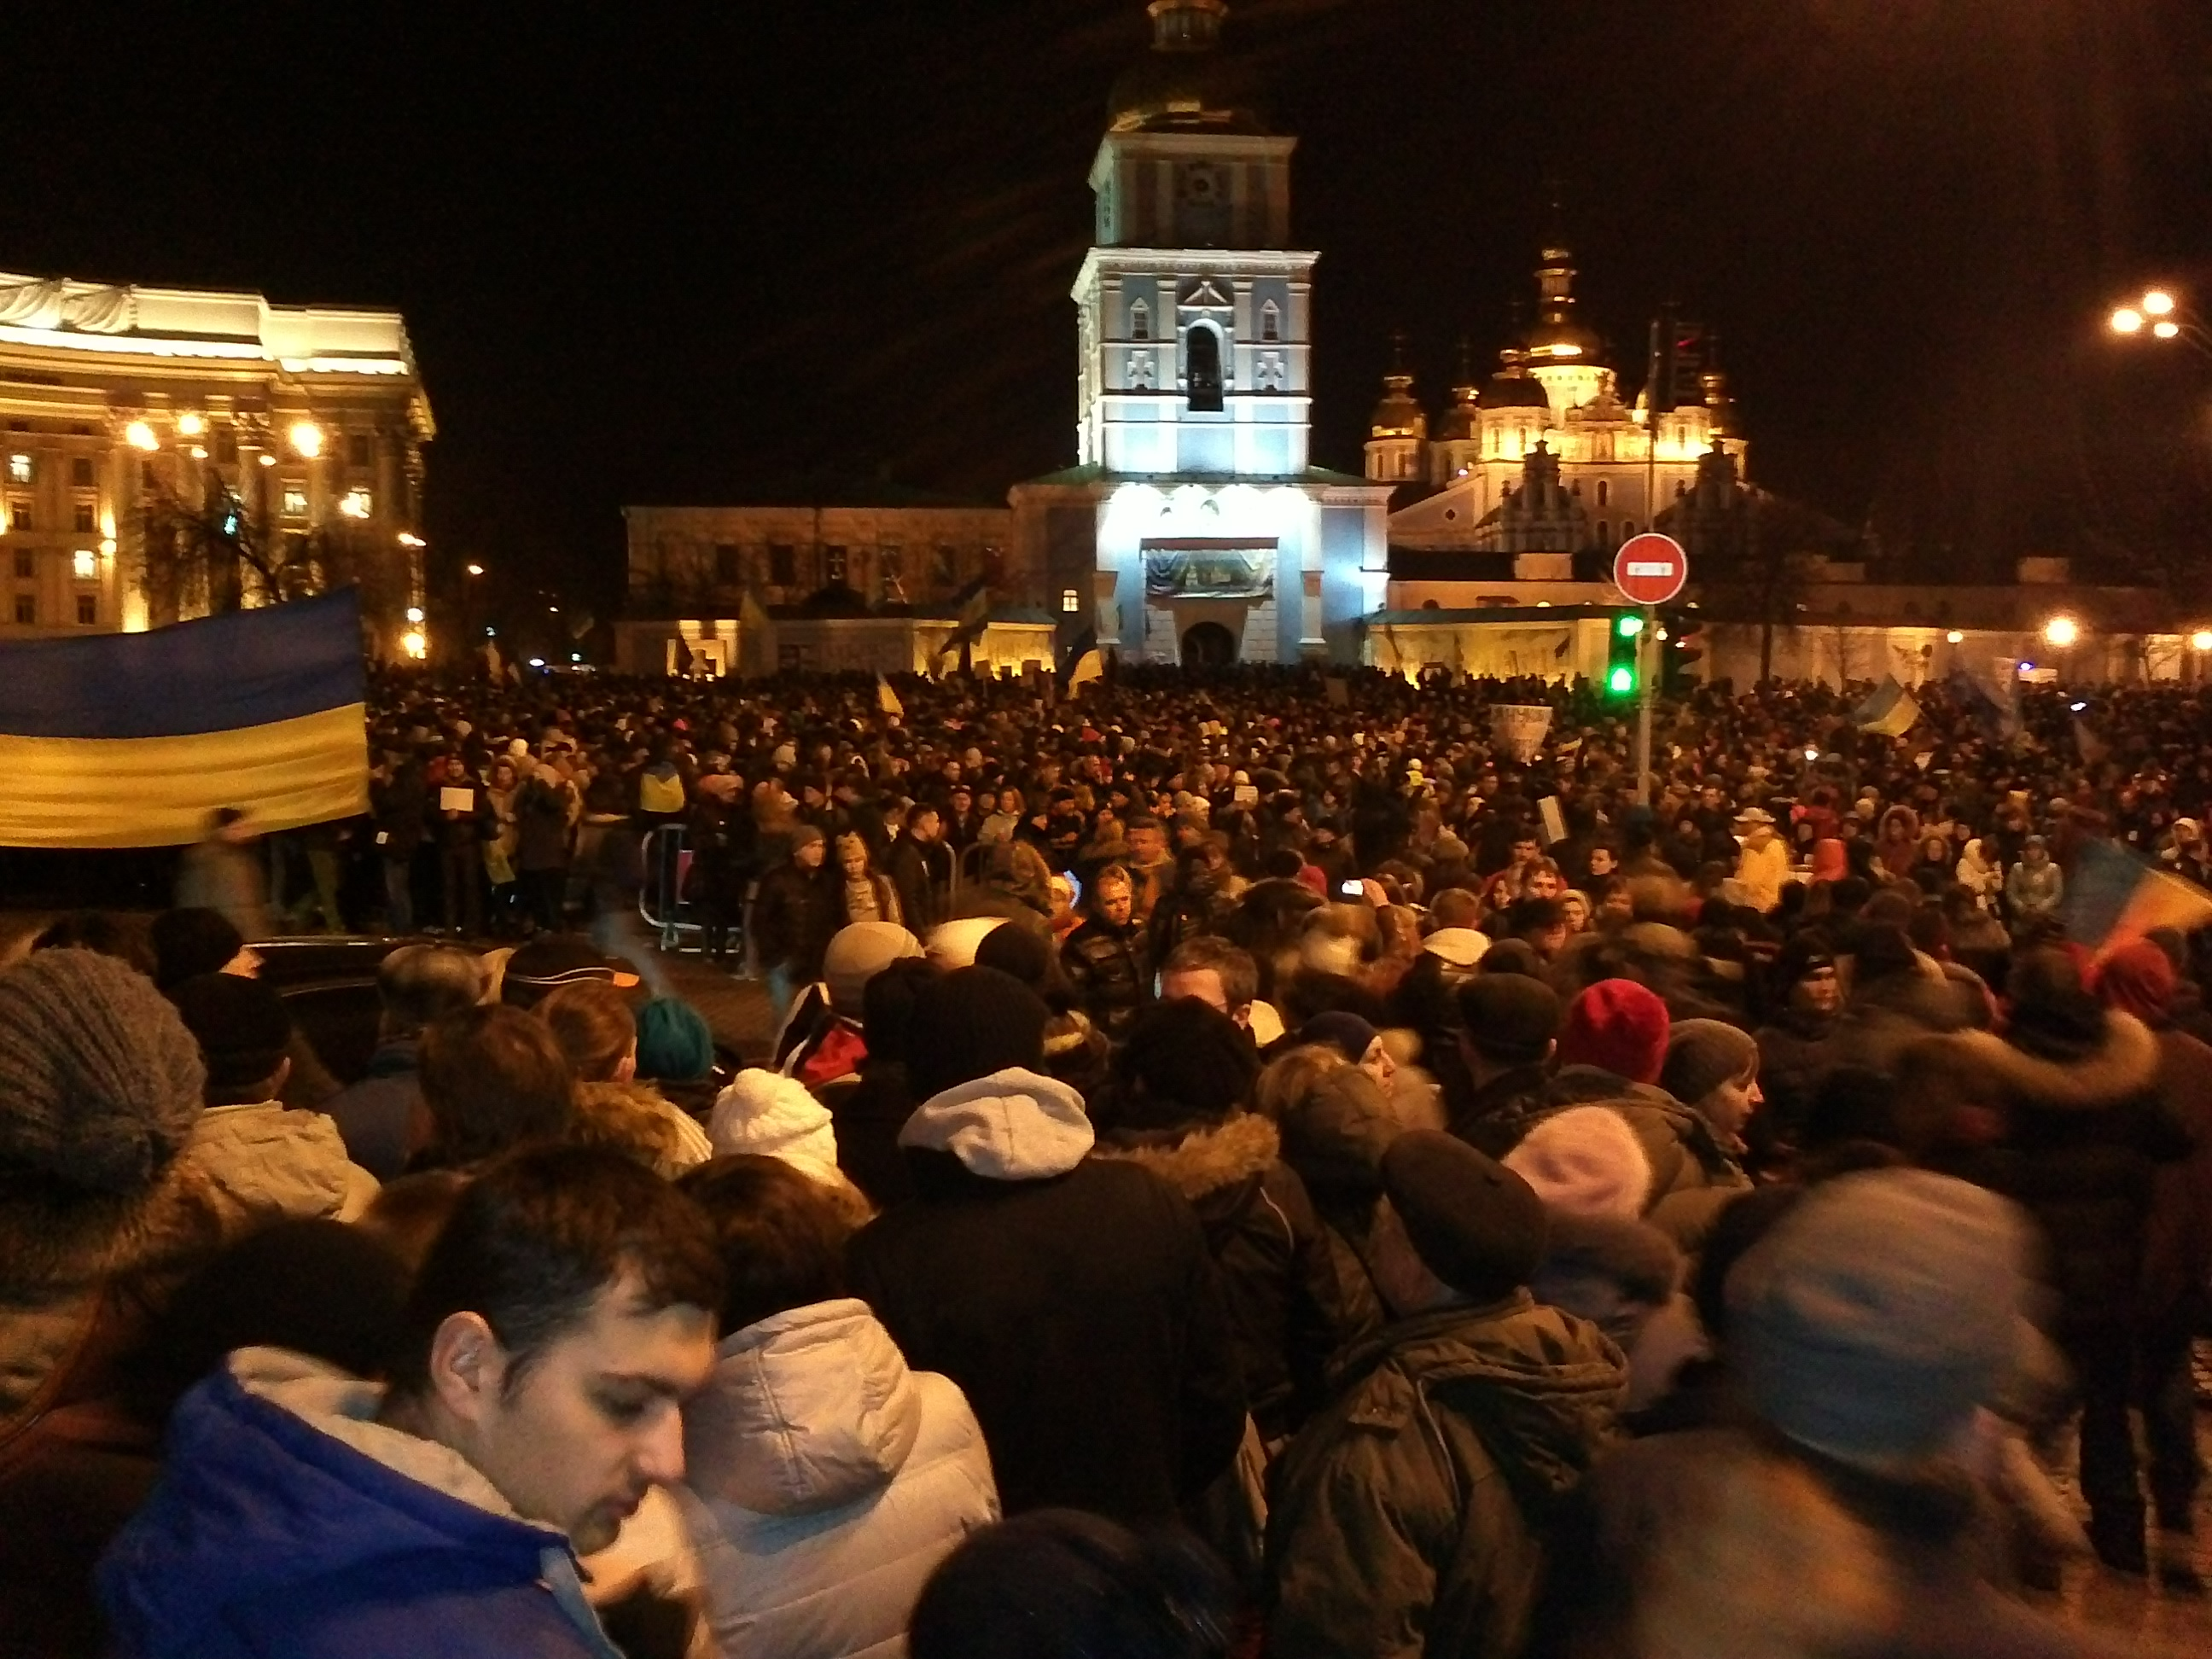 Mykhailivska_Kyiv_2013-11-30 (1).jpg